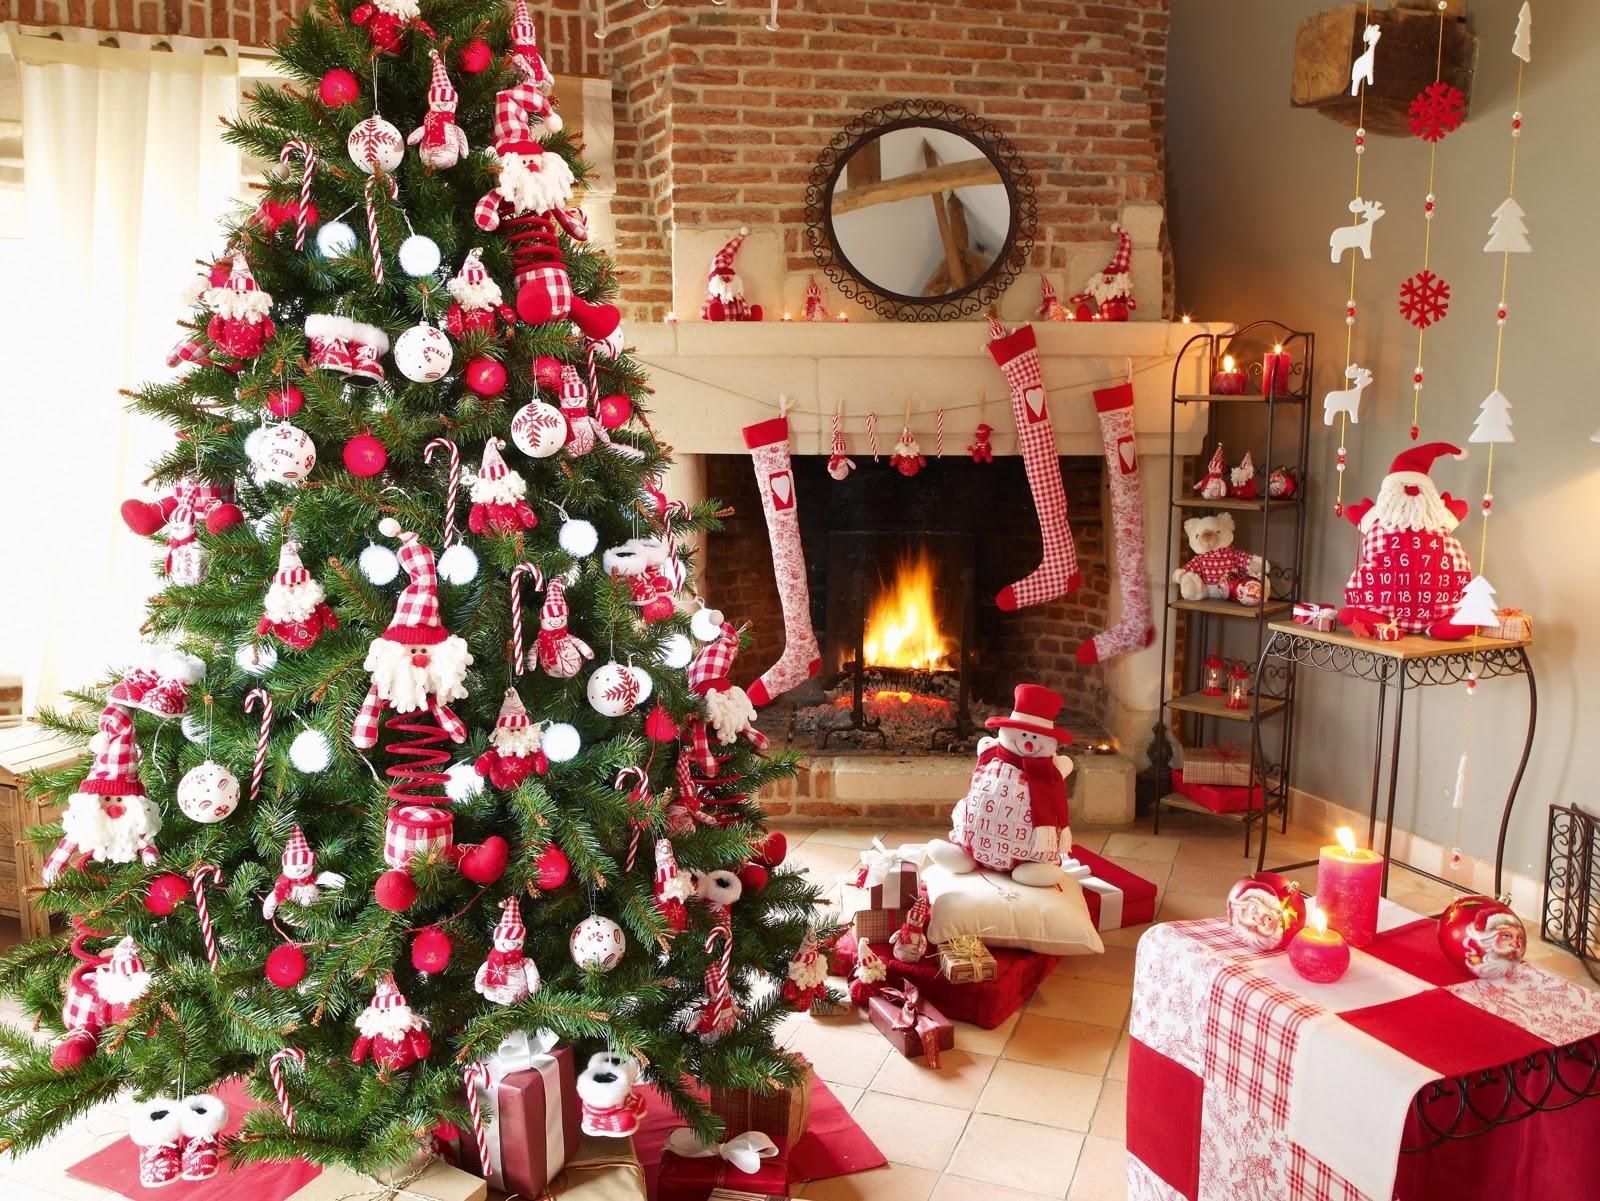 decoration pour sapin de noel 2018 Pour réussir votre décoration de Noël, profitez des bons plans decoration pour sapin de noel 2018